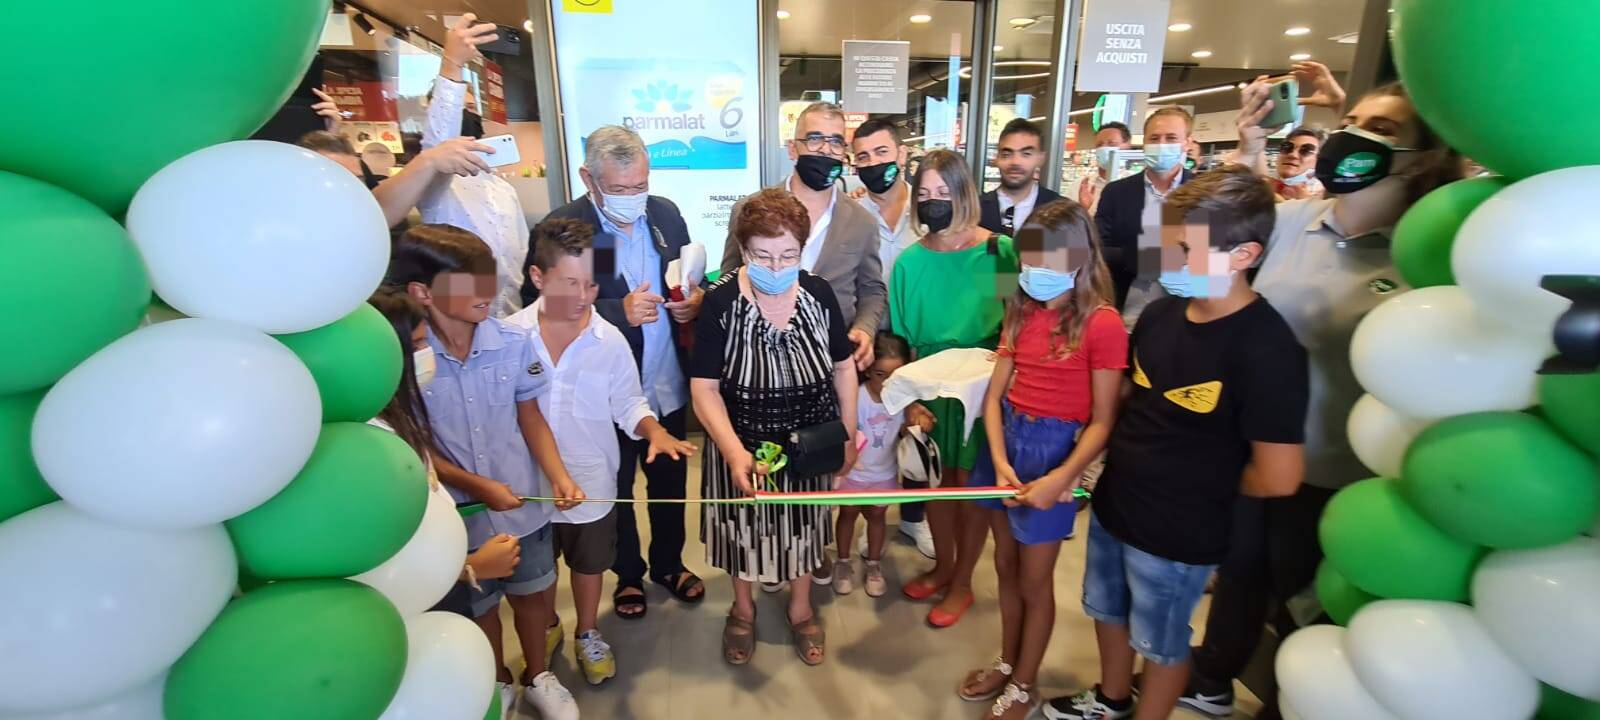 Inaugurazione supermercato Pam